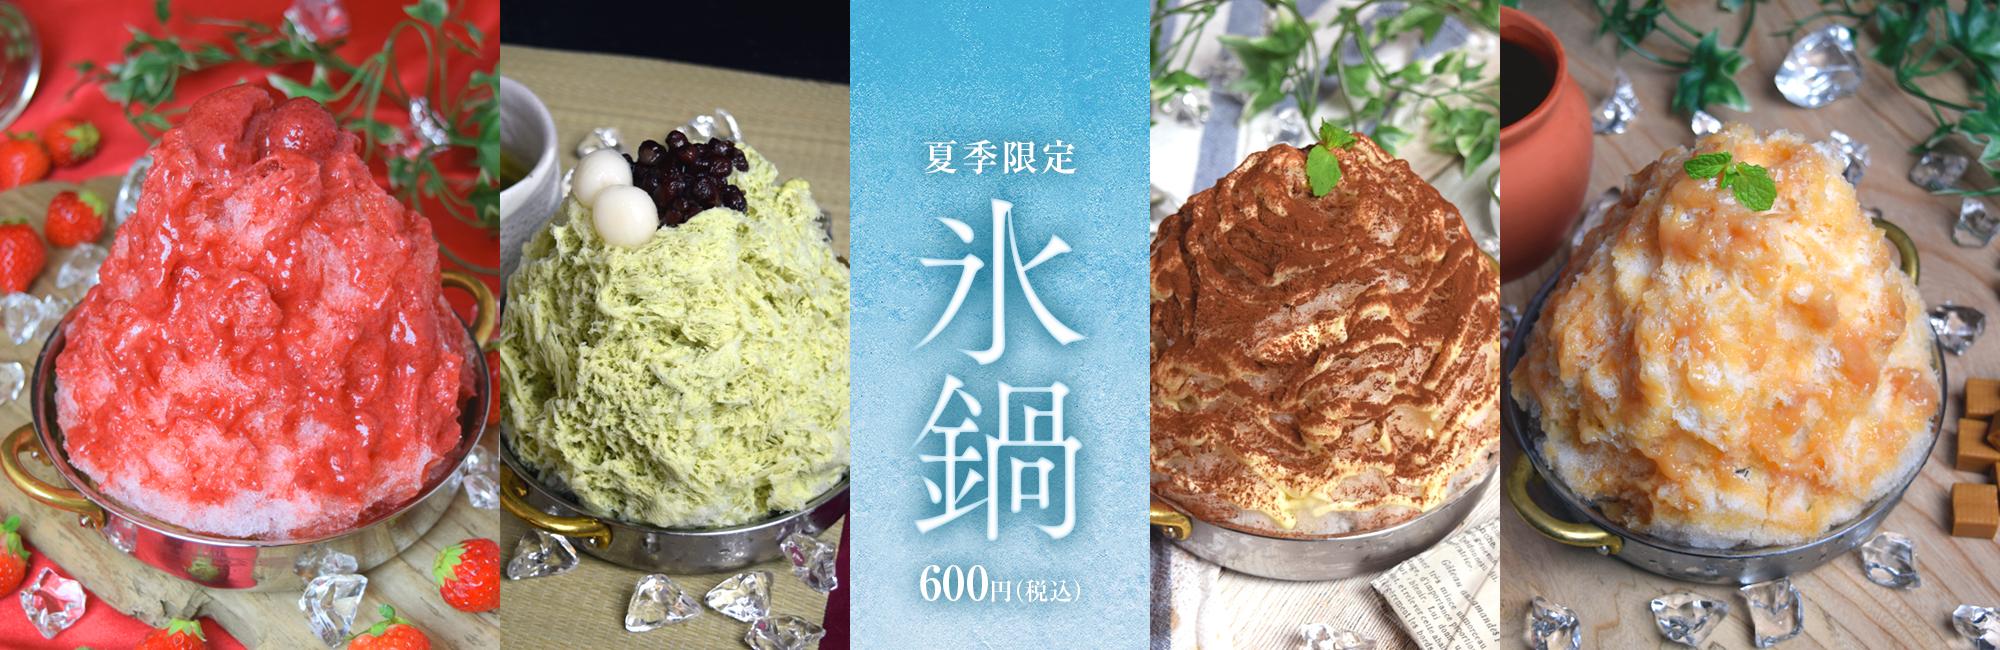 大阪京橋まつい亭 夏季限定氷鍋